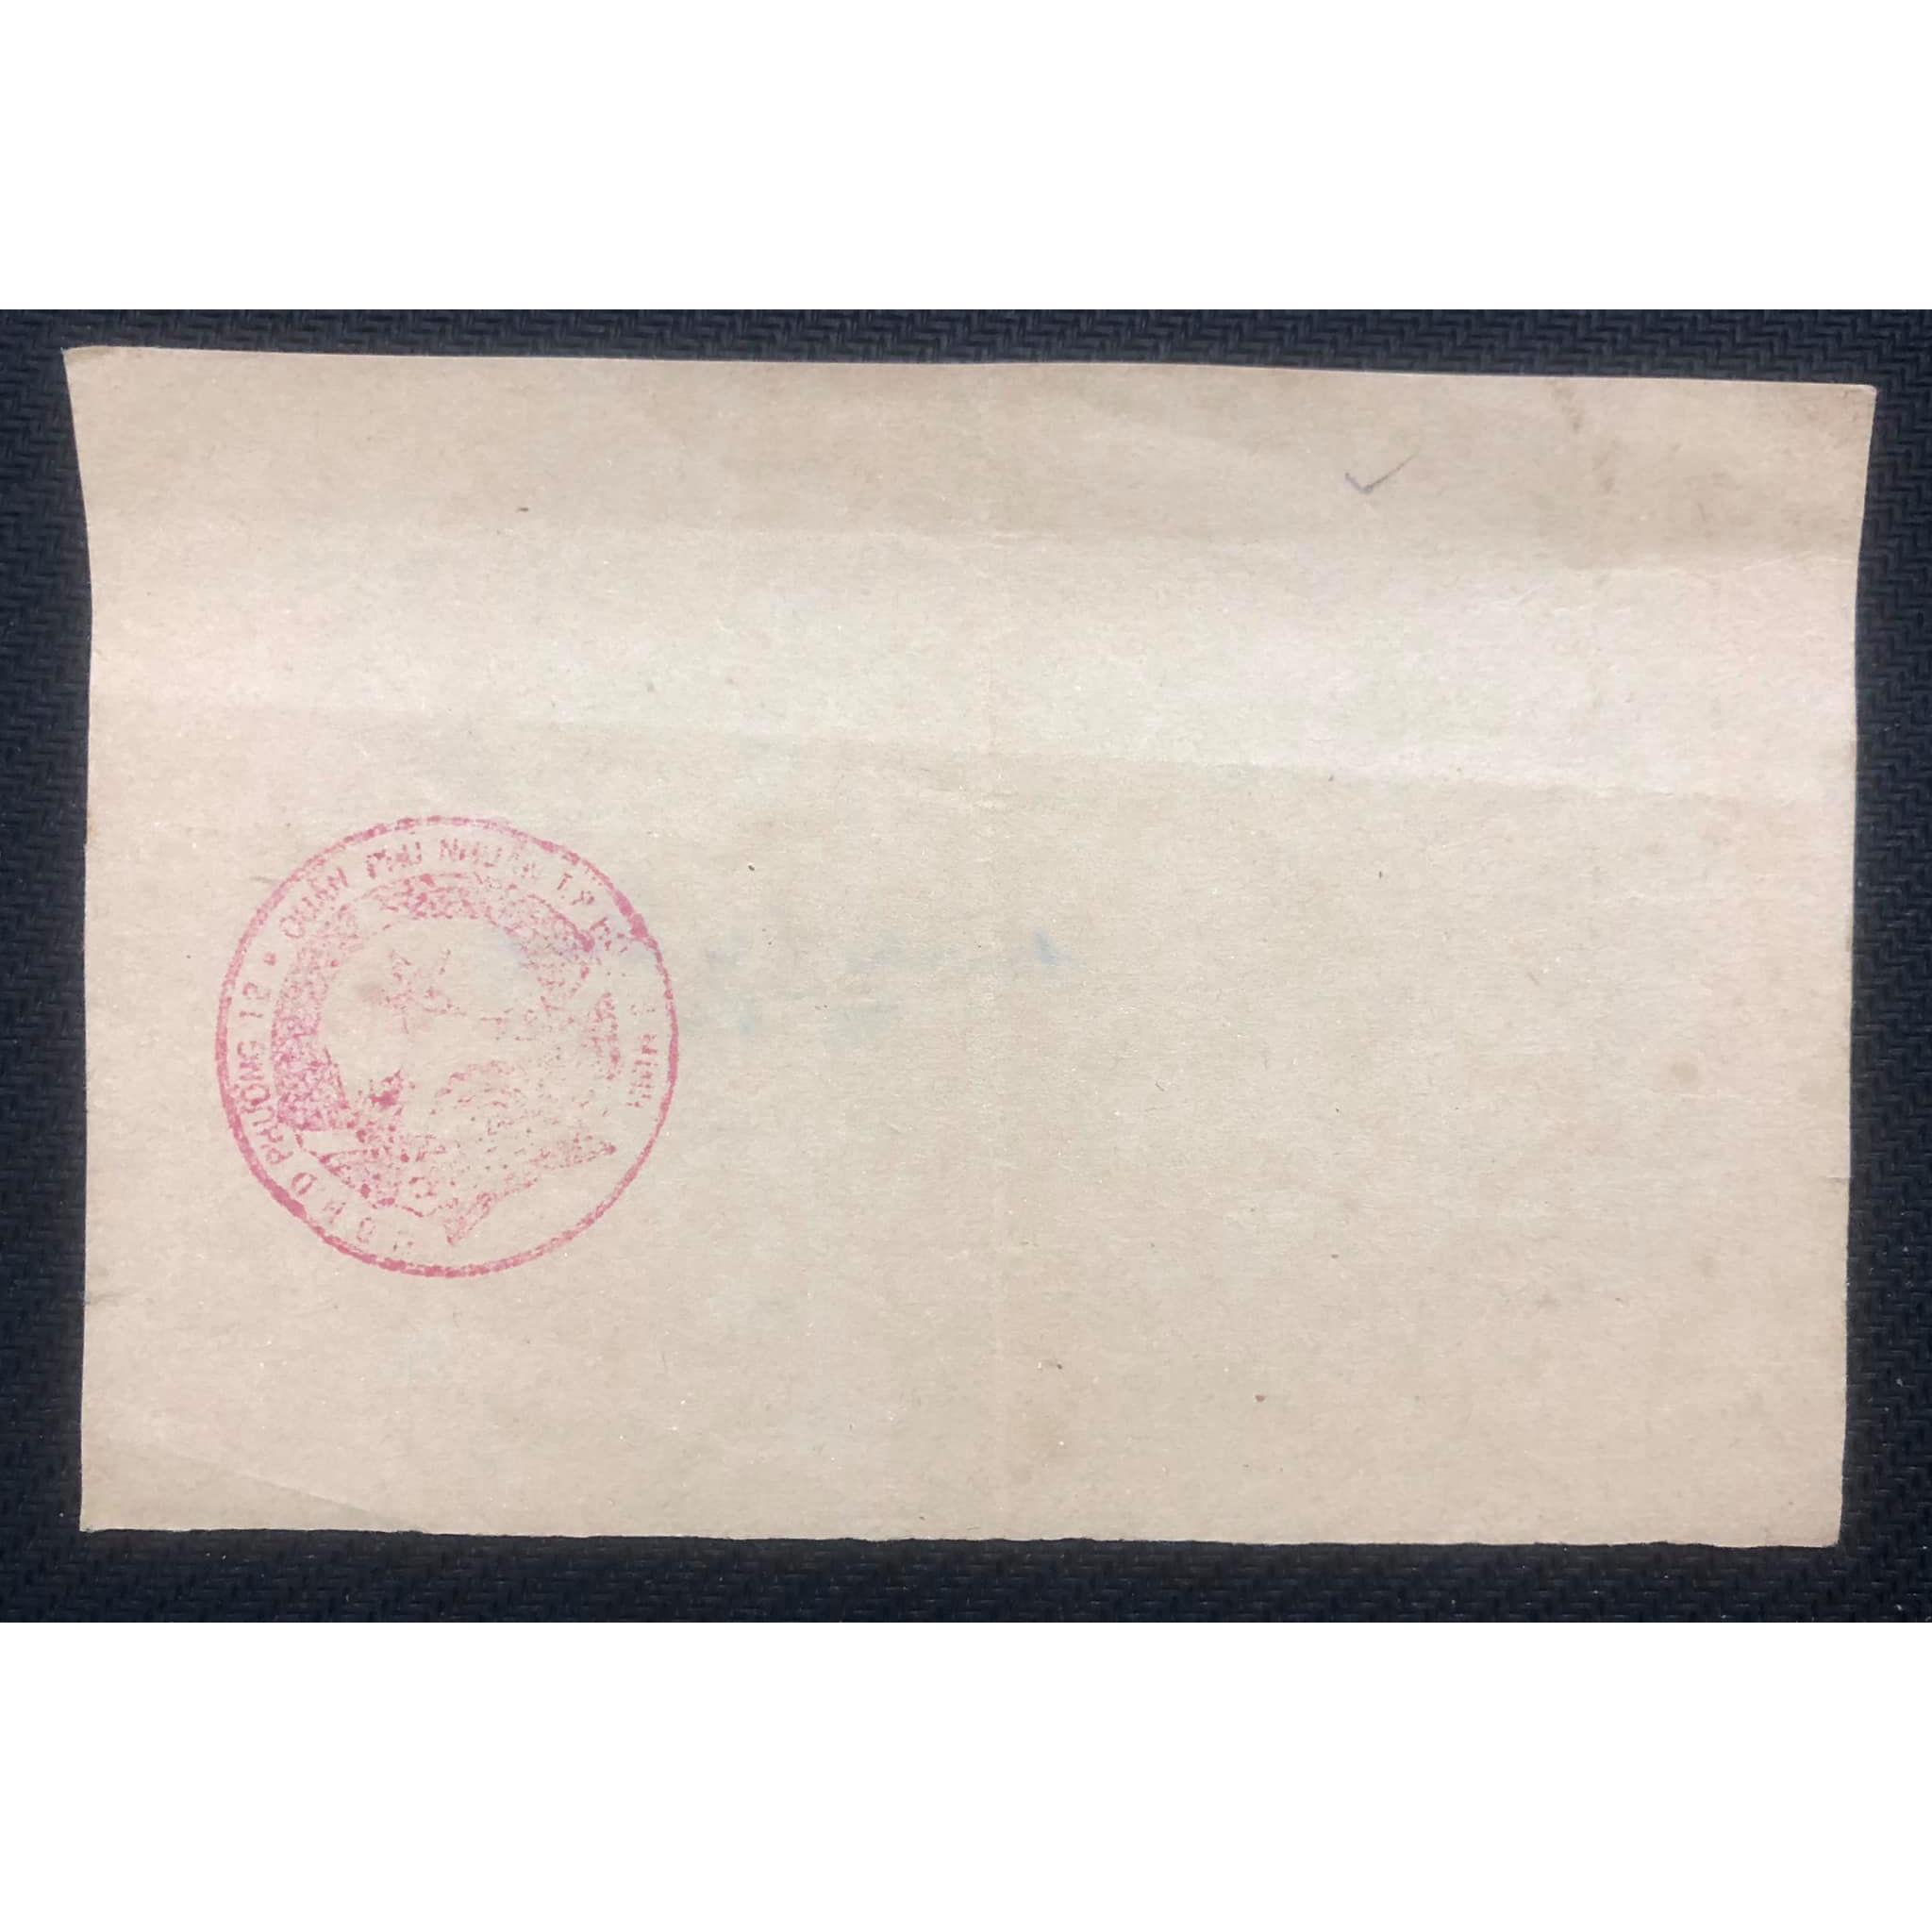 PHIẾU VẢI 4 mét TP.Hồ Chí Minh năm 1979 [TEM, PHIẾU BAO CẤP SƯU TẦM]